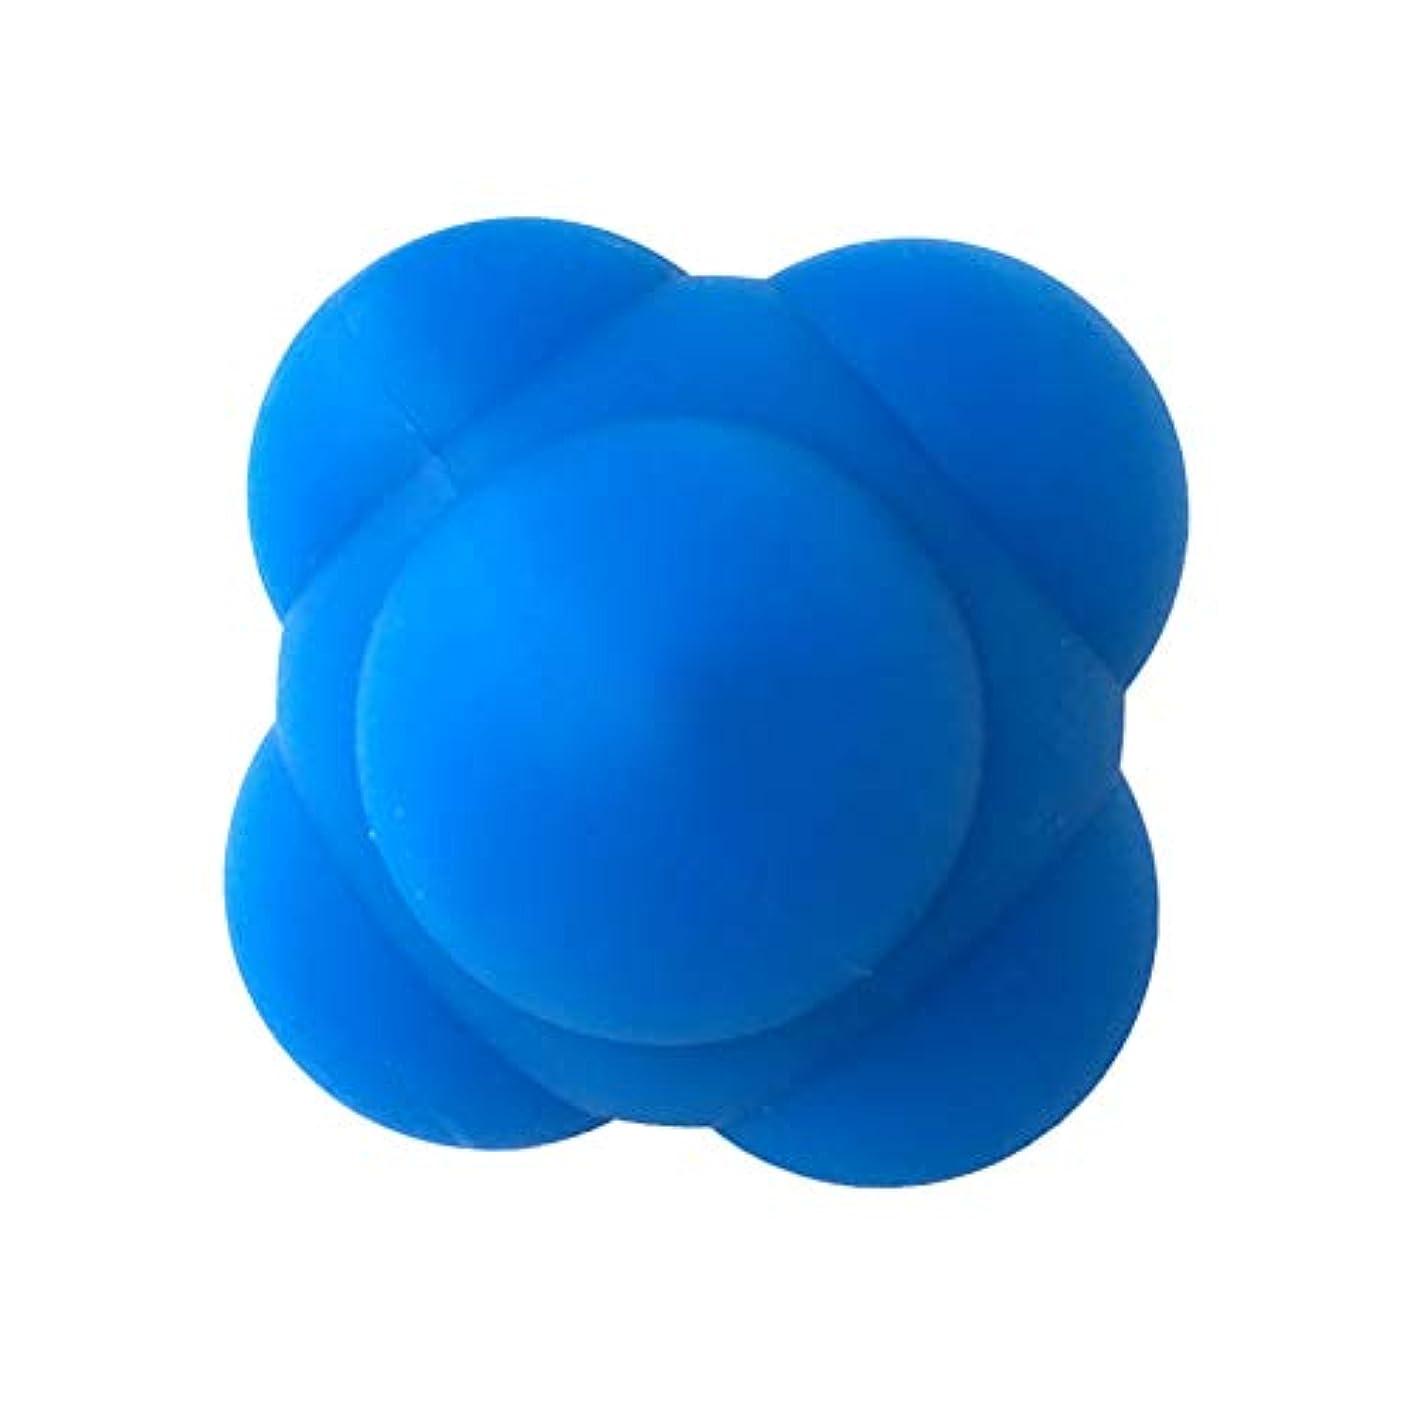 紛争ペチコート素晴らしさHealifty シリコントレーニングボールフィットネスリアクションエクササイズボール速さと敏捷性トレーニングボール(青/ 6cm)